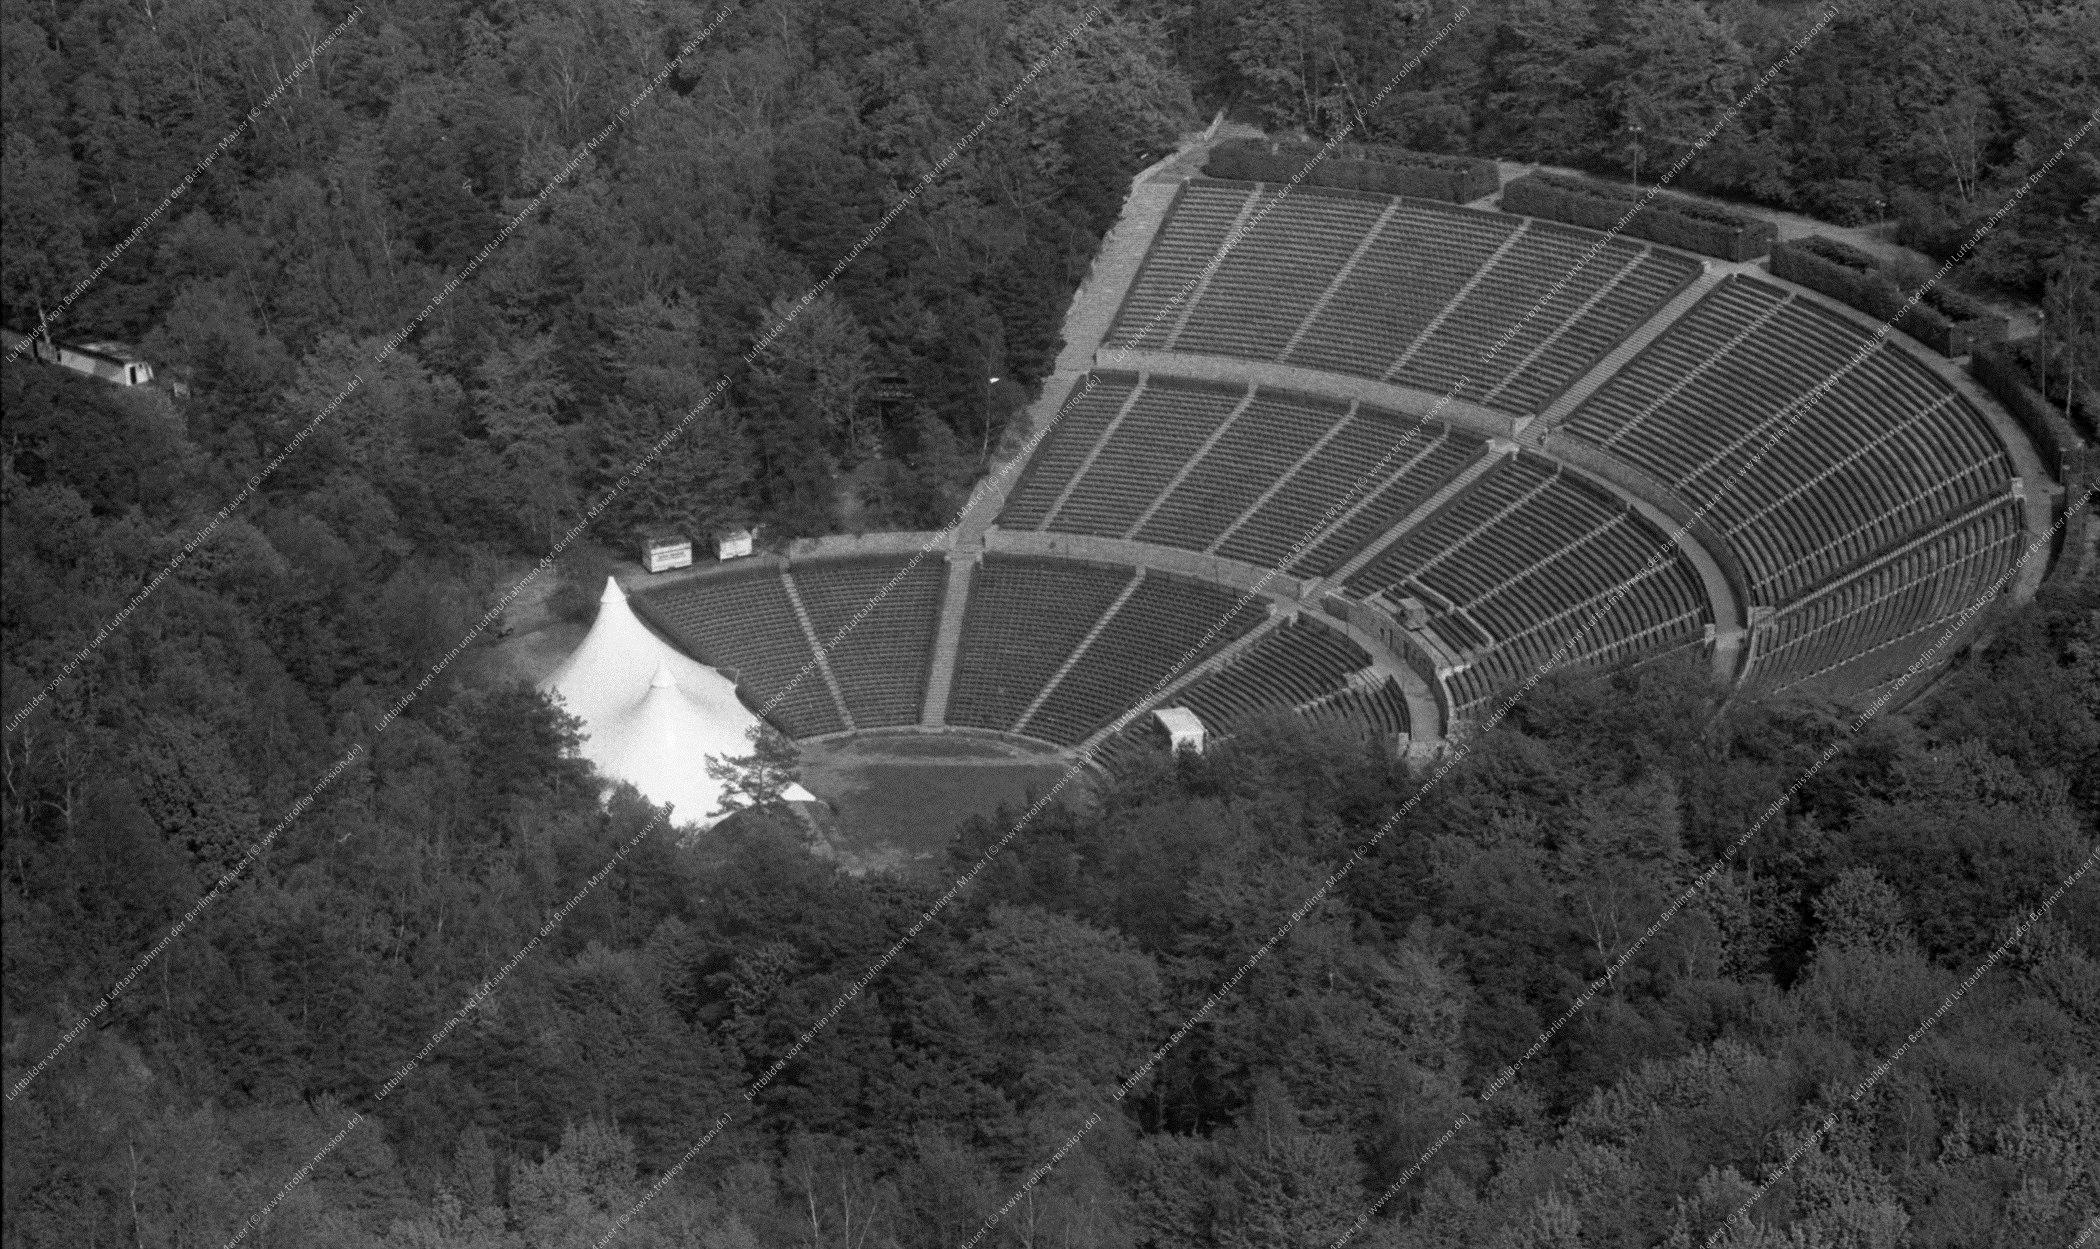 Luftbild der Berliner Waldbühne (Dietrich-Eckart-Freilichtbühne) beim Olympiapark (Reichssportfeld) vom 12. Mai 1982 (Bild 074)